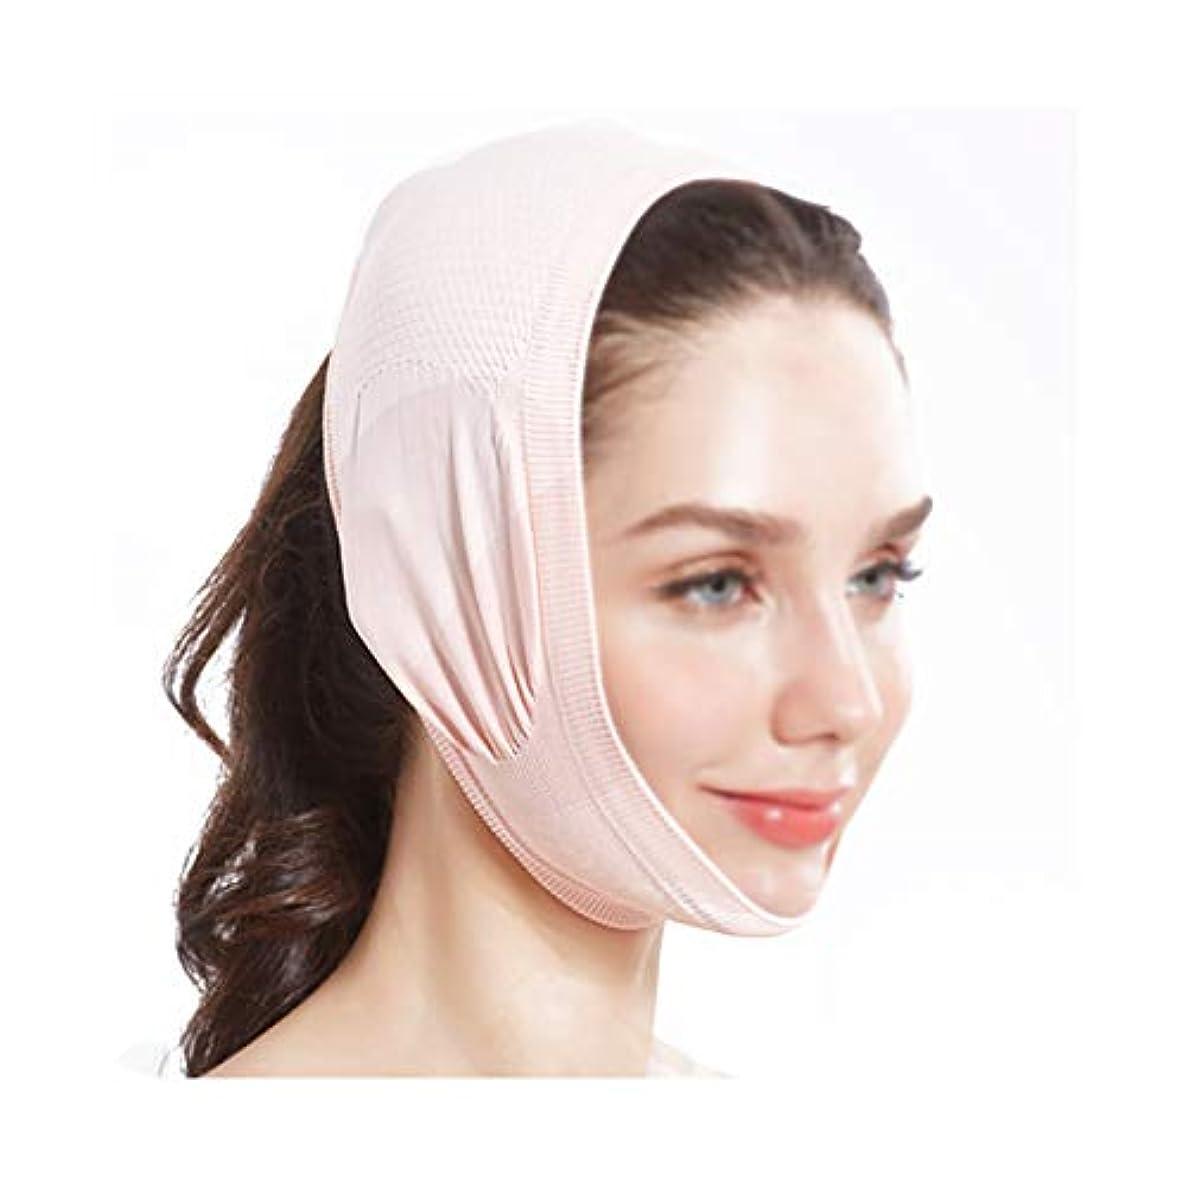 音楽家物語一緒GLJJQMY フェイスリフトマスクマスクエクステンション強度フェースレス包帯フェイシャルラージVライン彫刻フェイシャルバックカバーネックバンド 顔用整形マスク (Color : Pink)